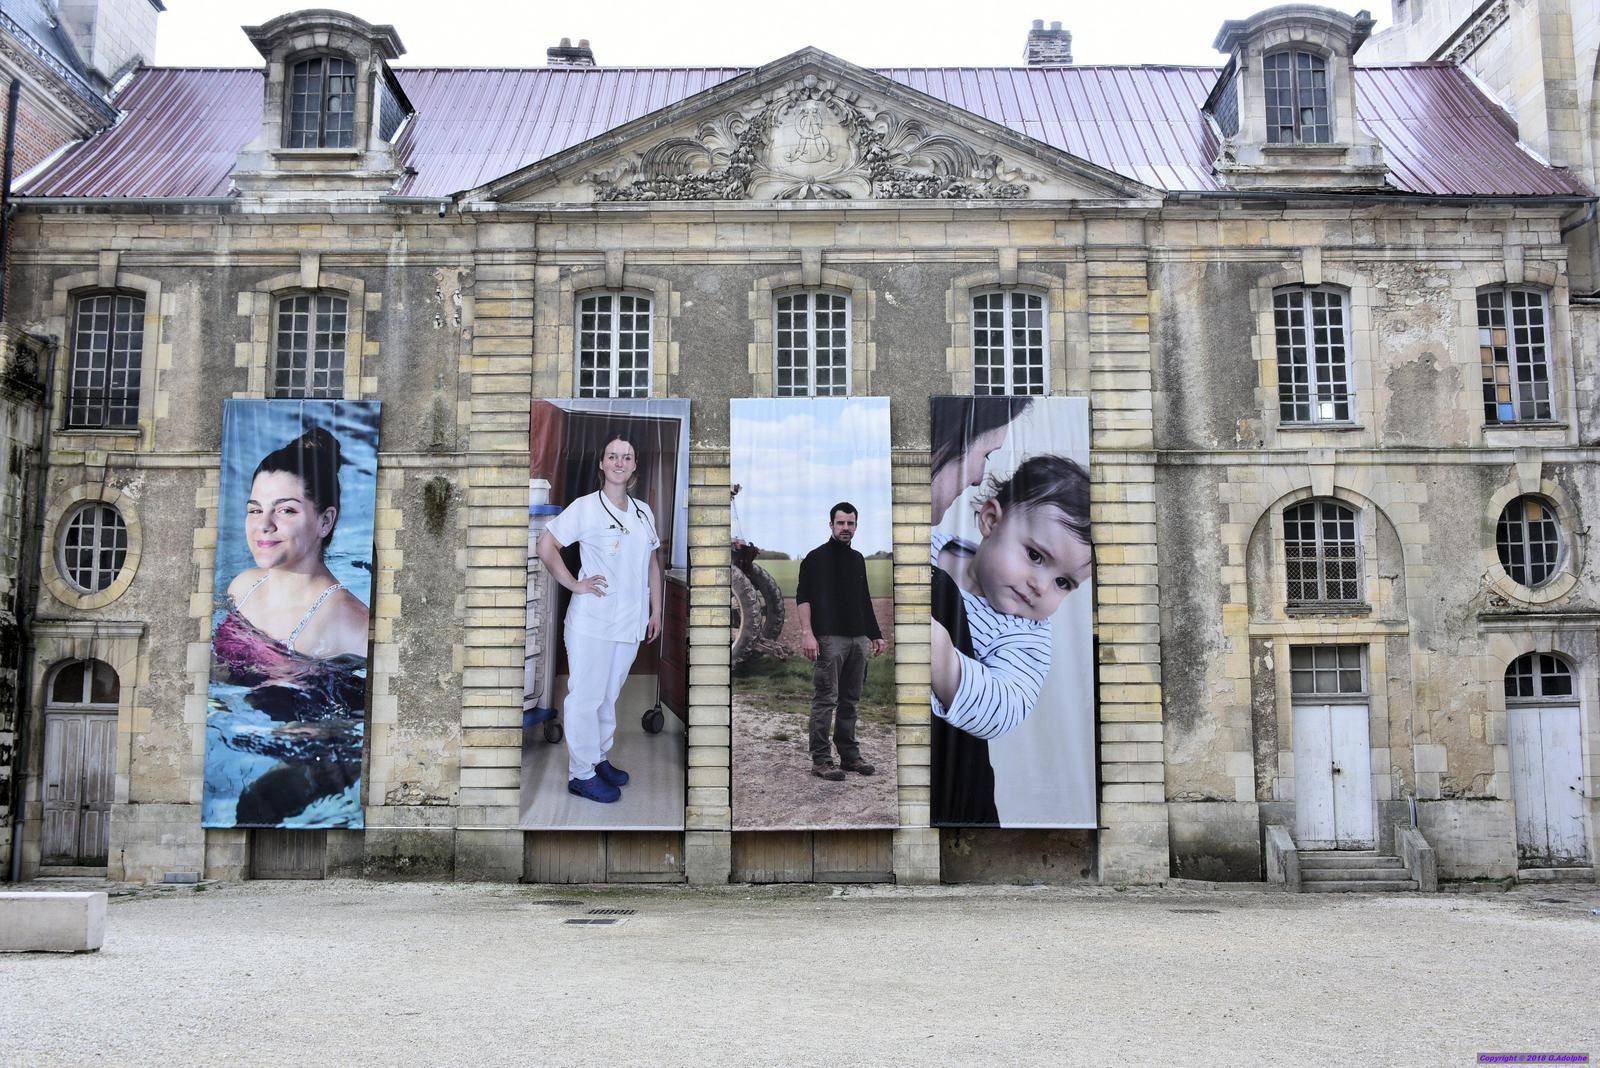 Exposition photos dans l'arrière cour de la cathédrale de SENS